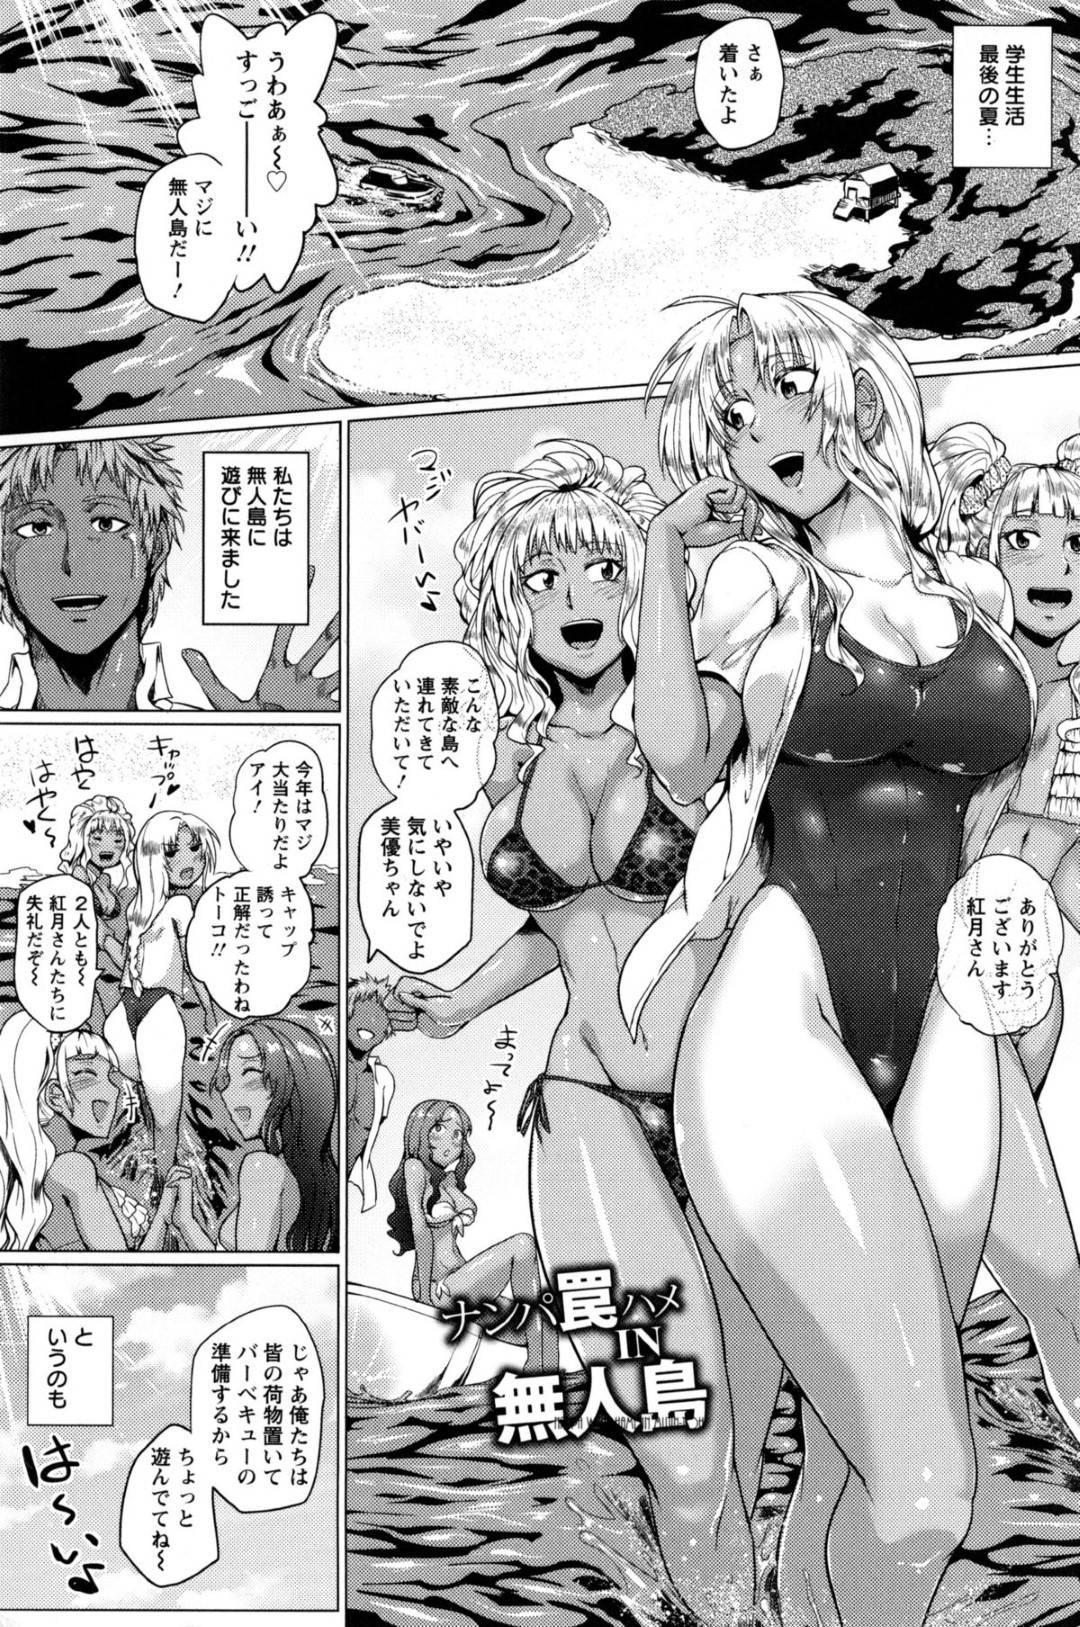 【エロ漫画】学生最後の夏休みに友達と無人島にやってきた巨乳JK…海に逆ナンに来たところナンパされて地元のお兄さんたちに連れられた無人島で乱交が始まる!【サガッとる】